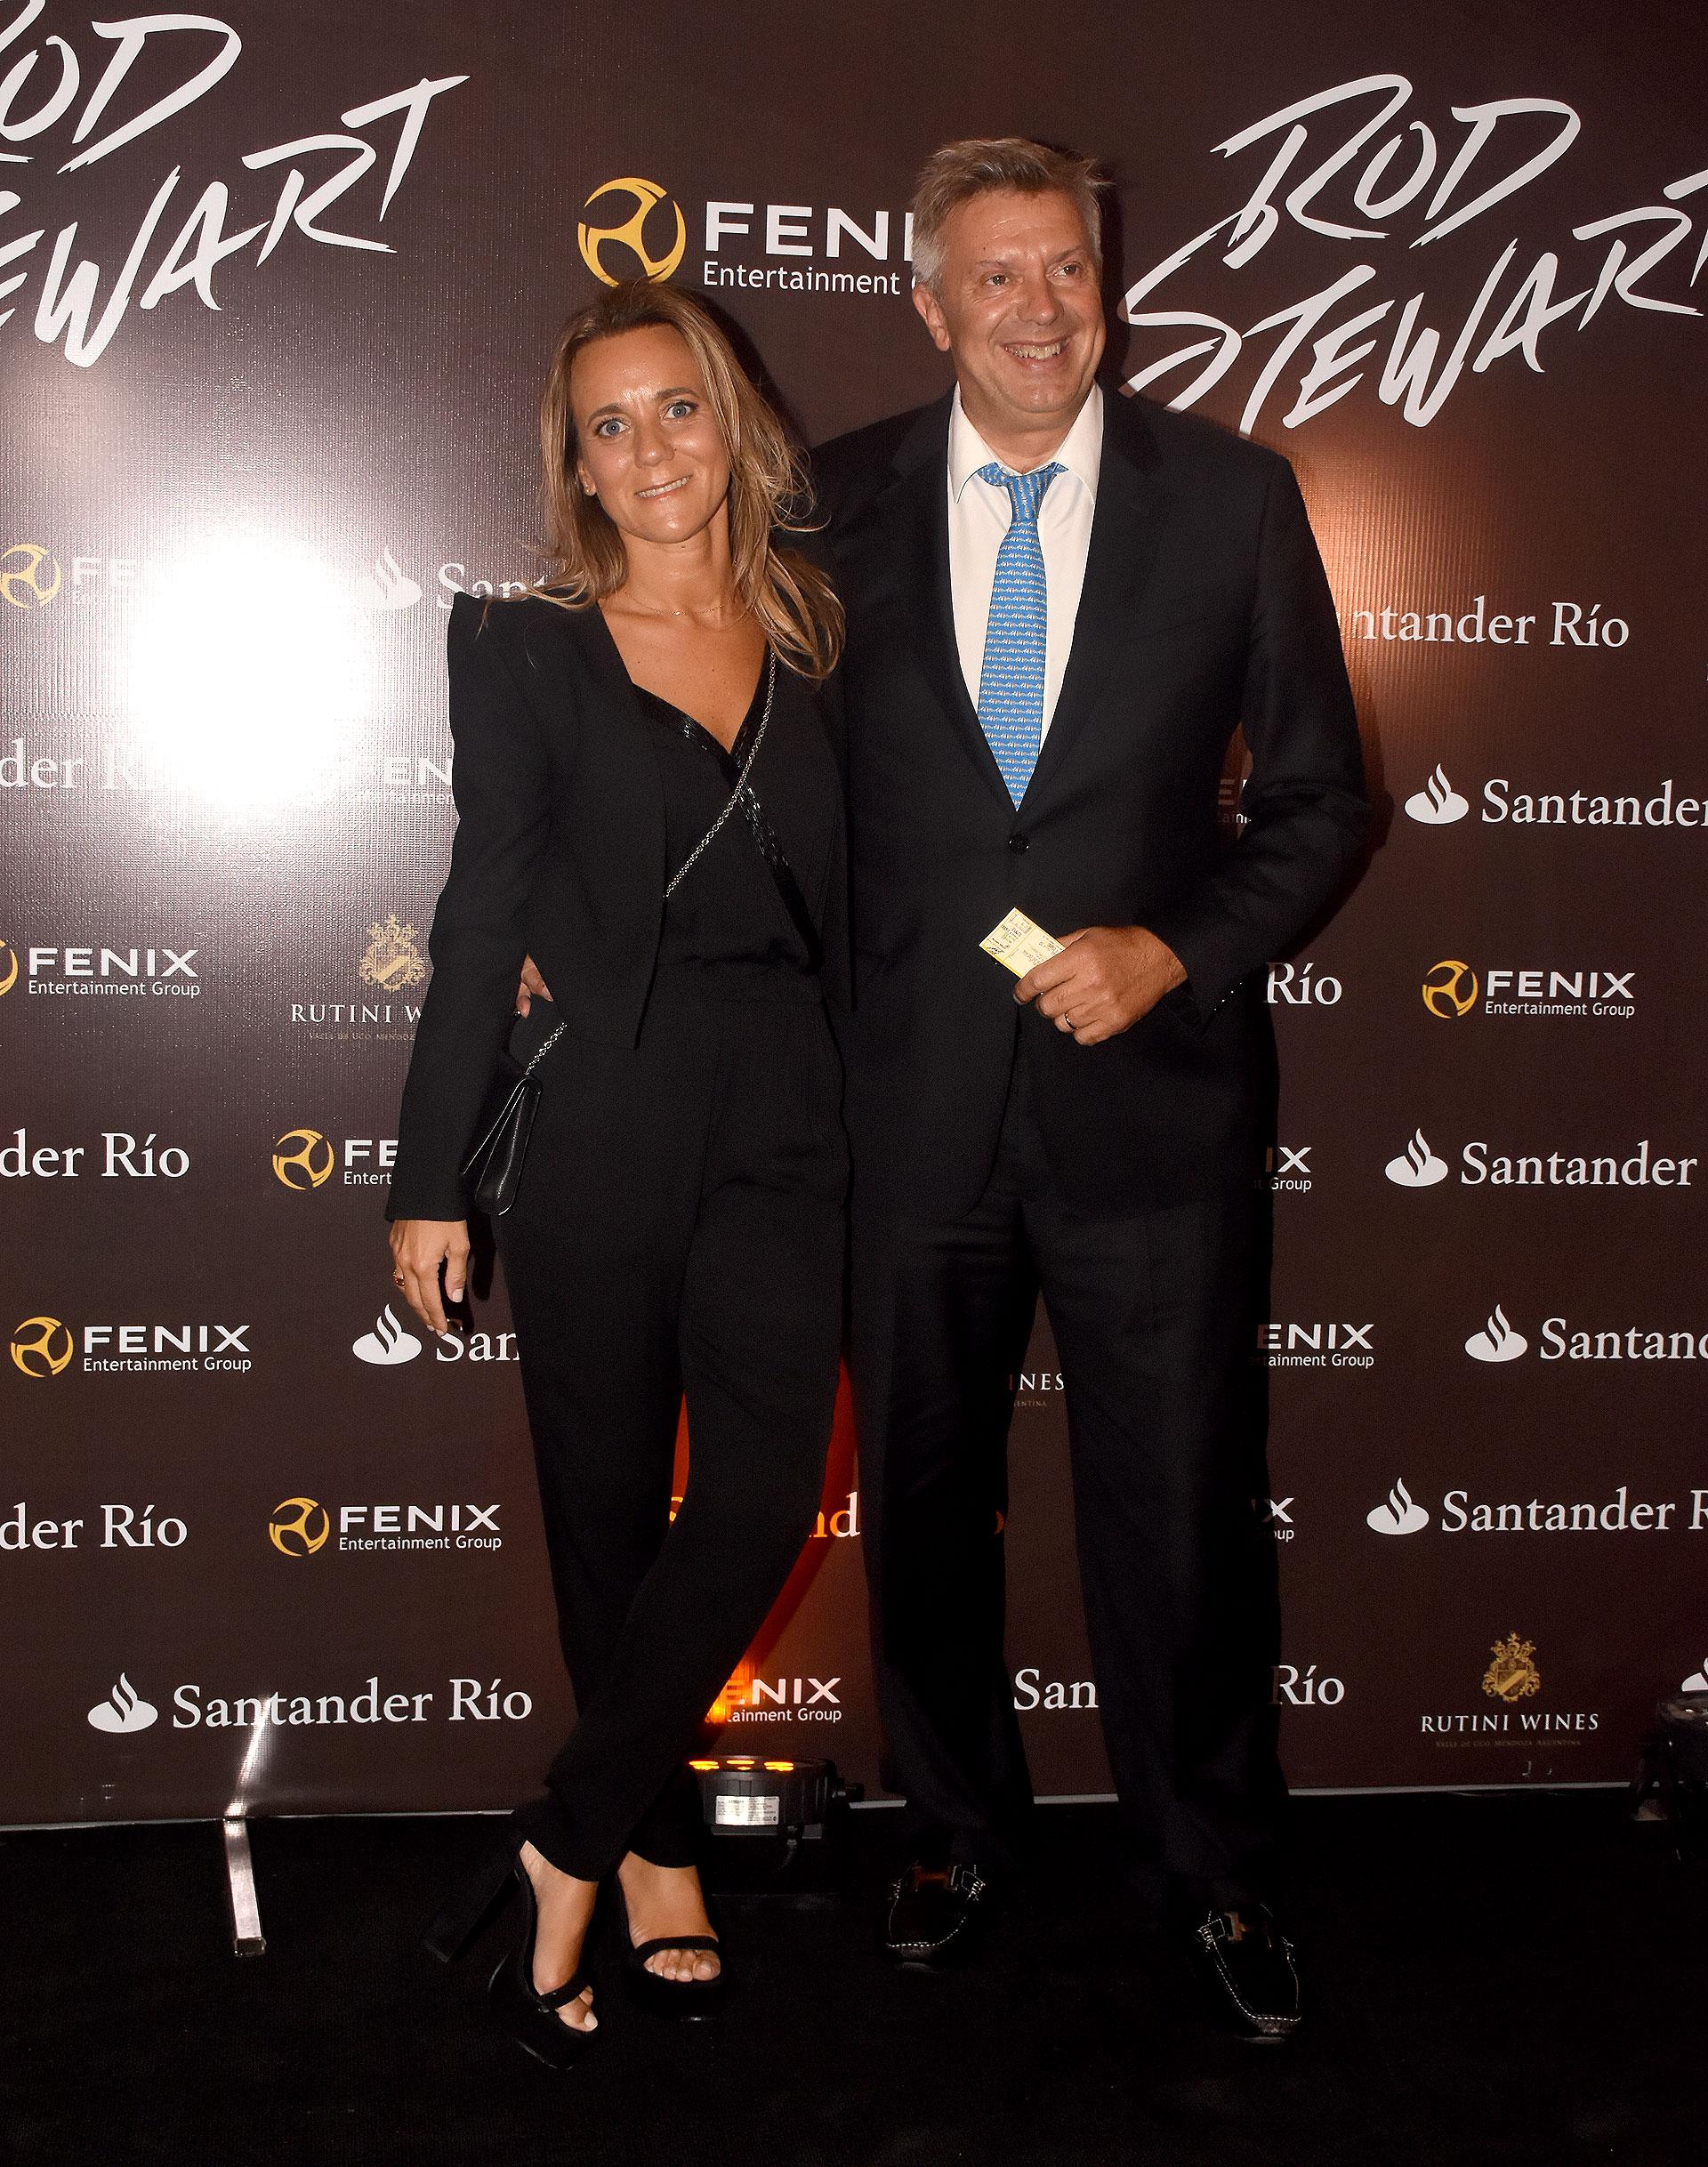 Mariana Gallego y Mauricio Dalessandro